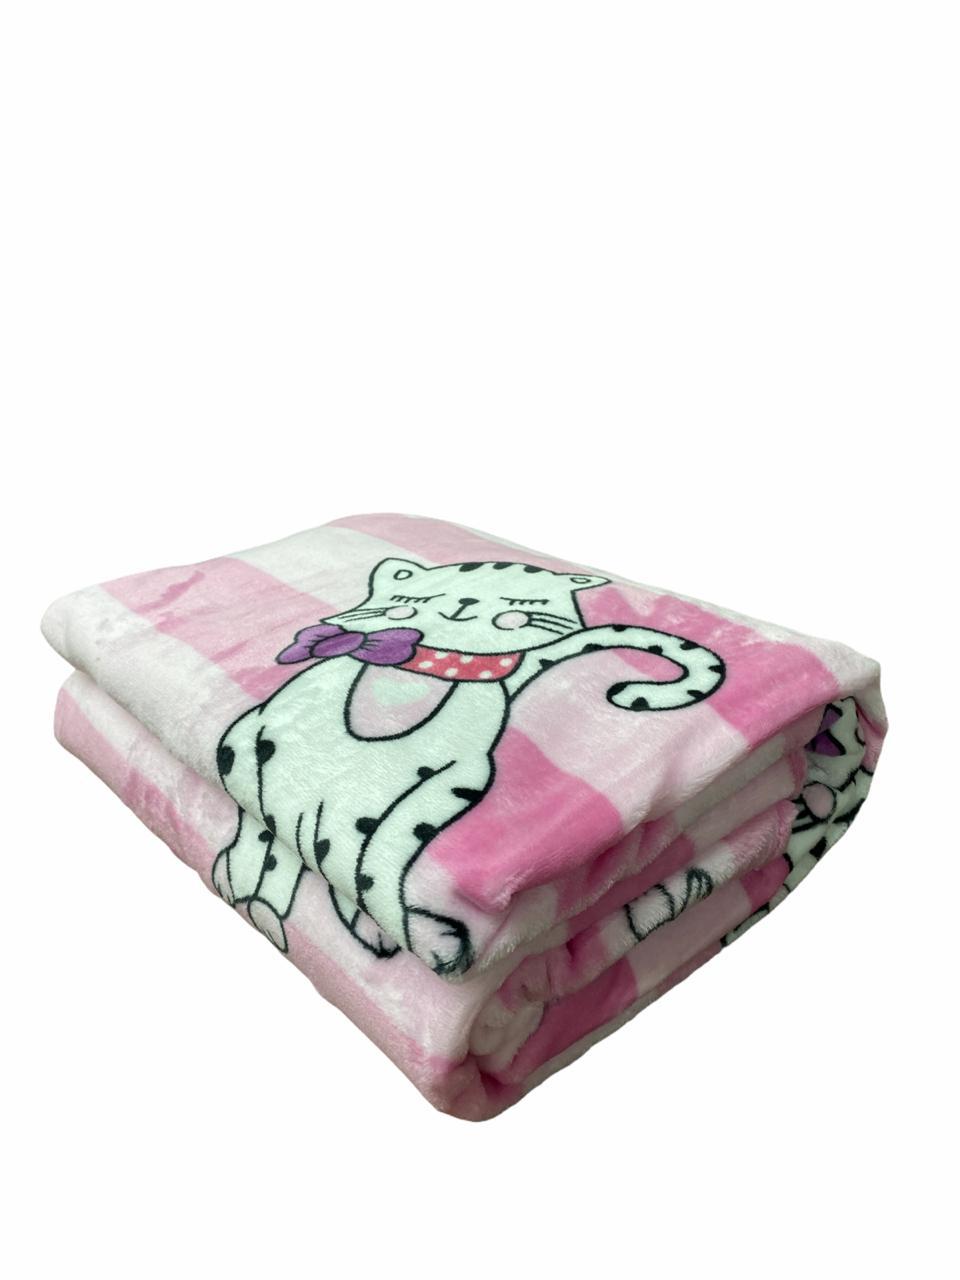 Cobertor Flannel Toque de Seda Kids - Etruria